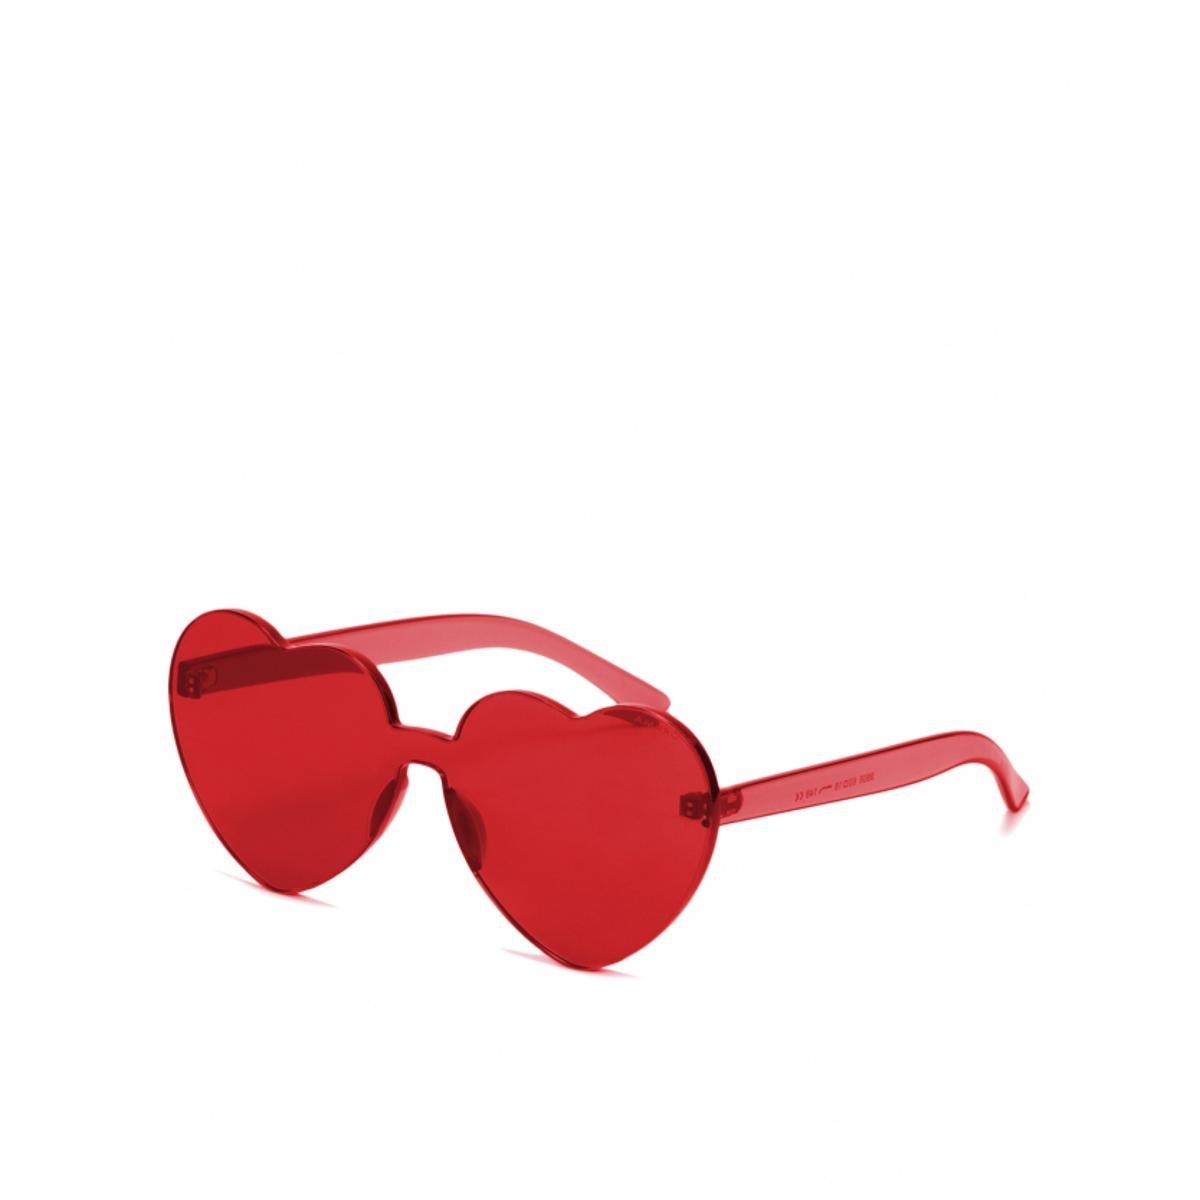 Óculos Amaro De Sol Heart Feminino - Vermelho - Compre Agora   Zattini 31537b4fa9